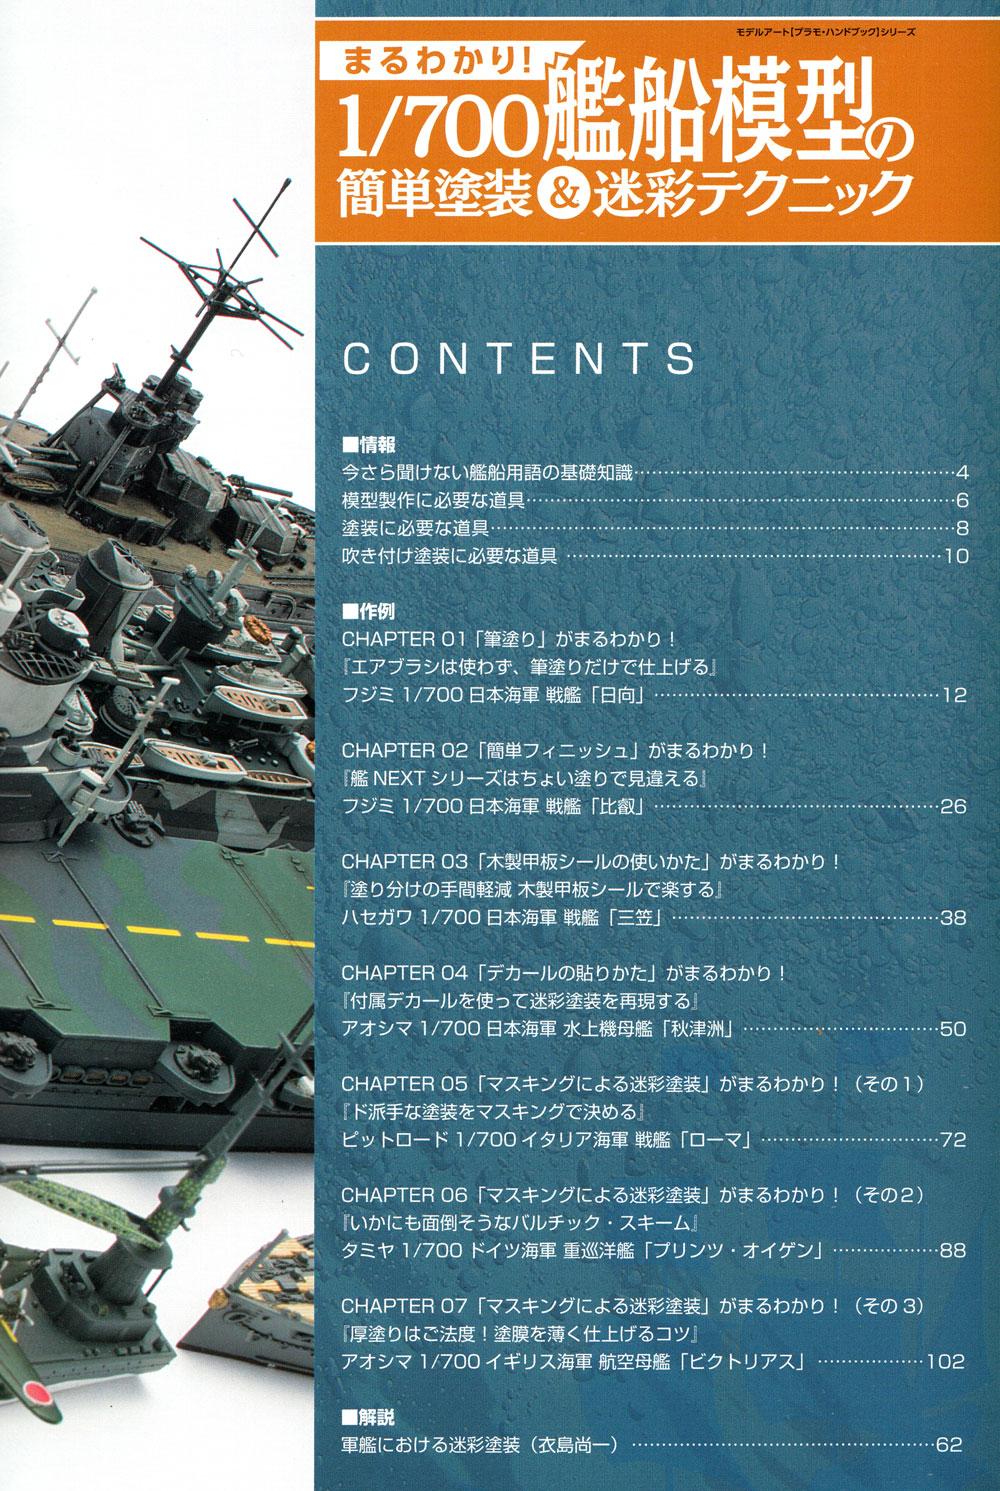 まるわかり! 1/700 艦船模型の簡単塗装 & 迷彩テクニック本(モデルアート臨時増刊No.975)商品画像_1